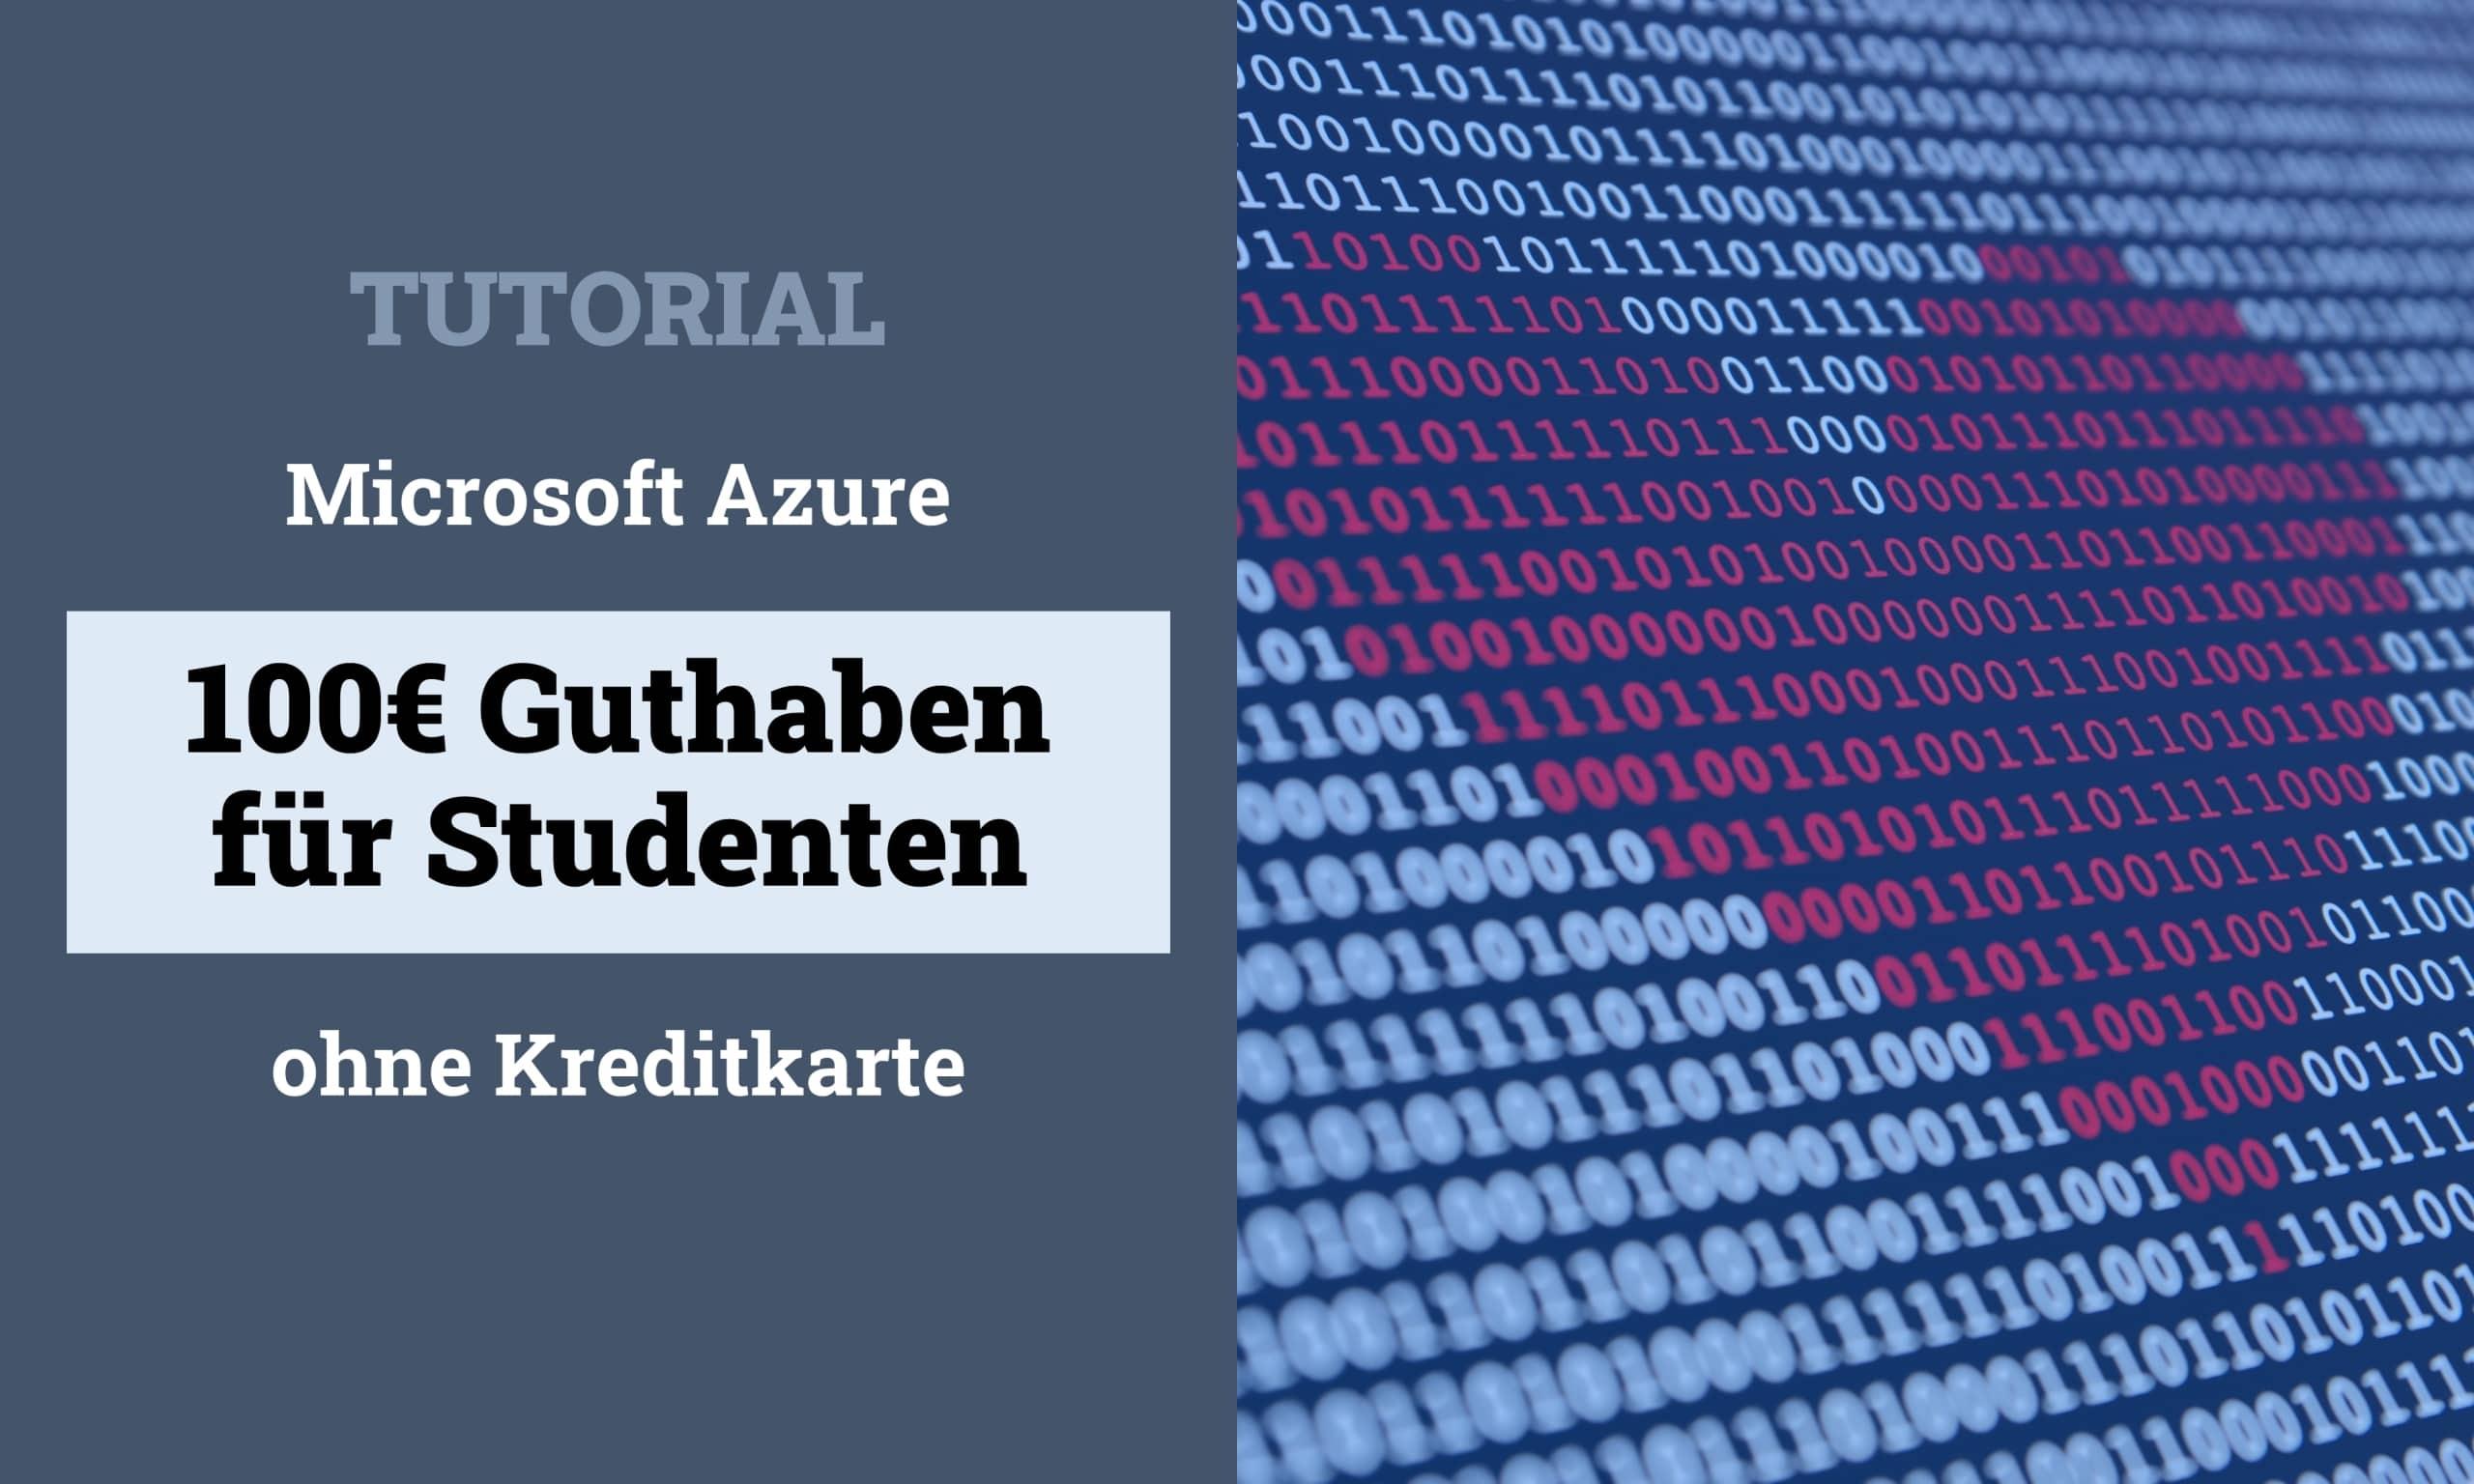 Microsoft Azure for Students Titelbild scaled